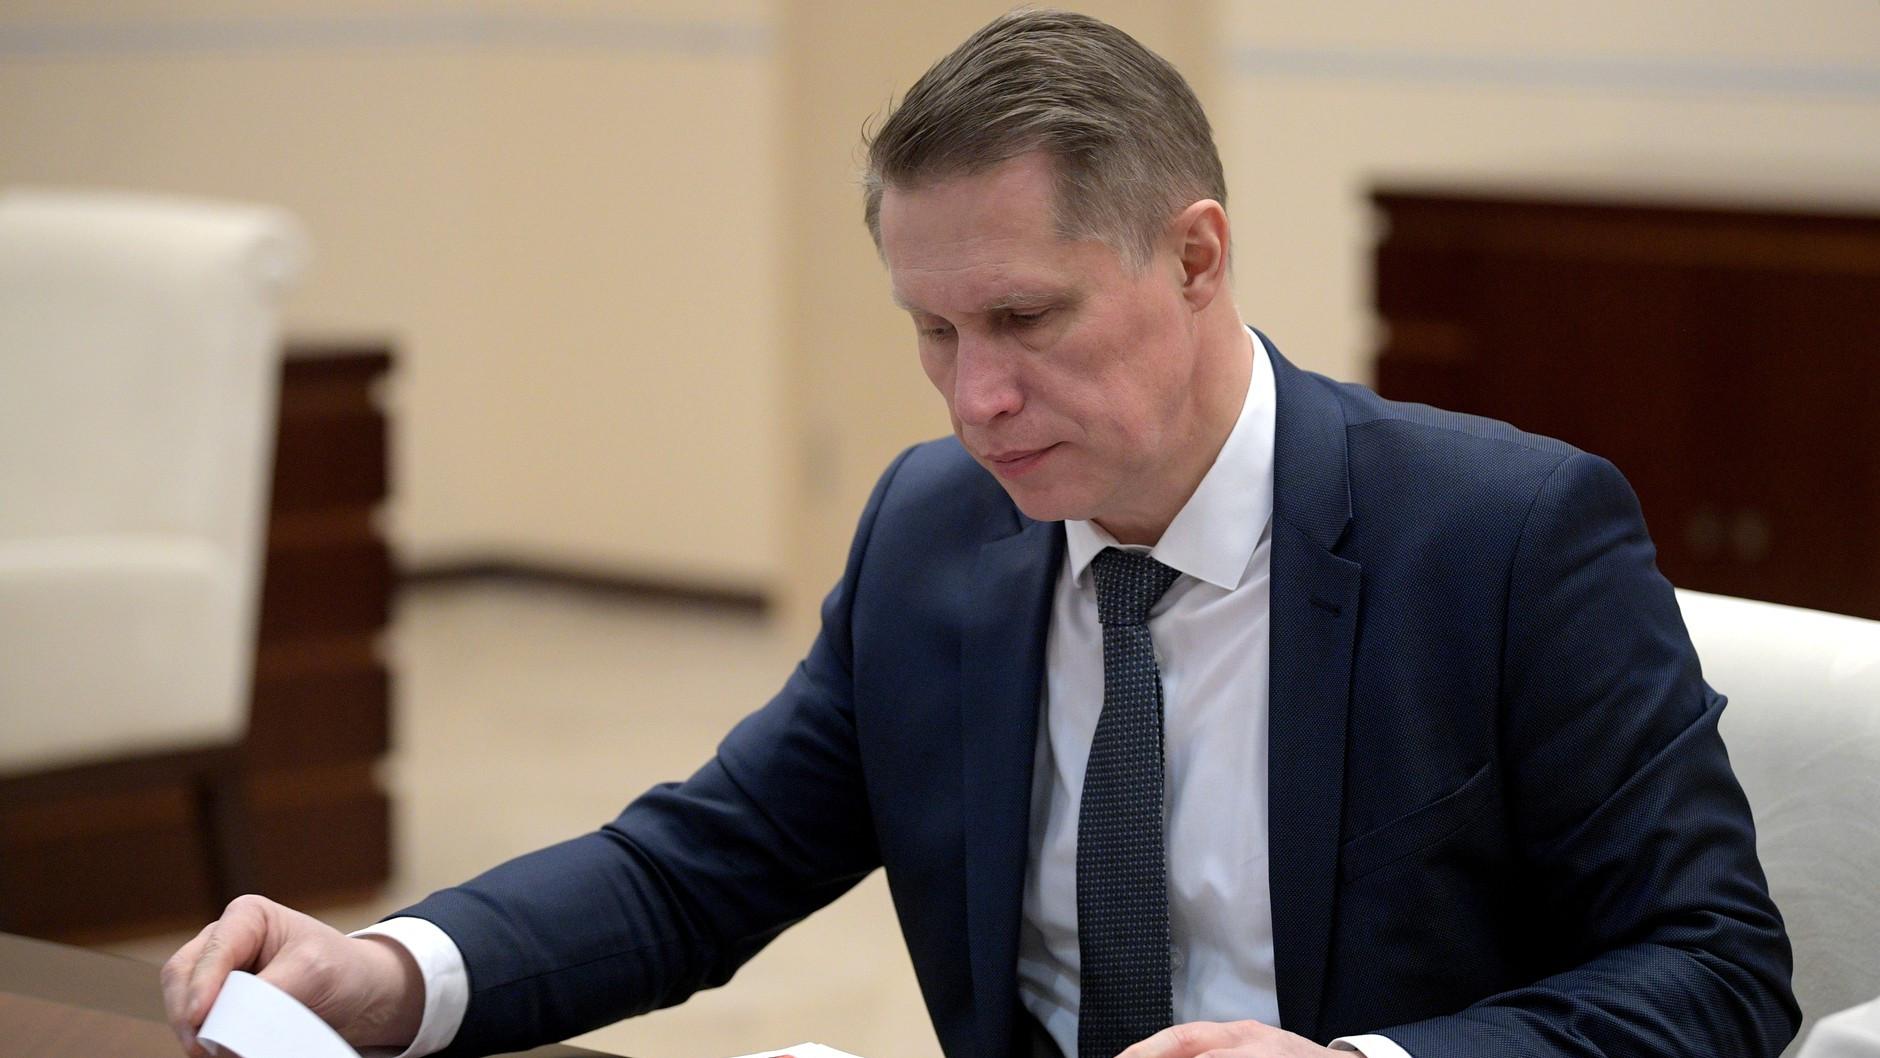 Мурашко: Вакцинация от коронавируса будет бесплатной и доступной для россиян